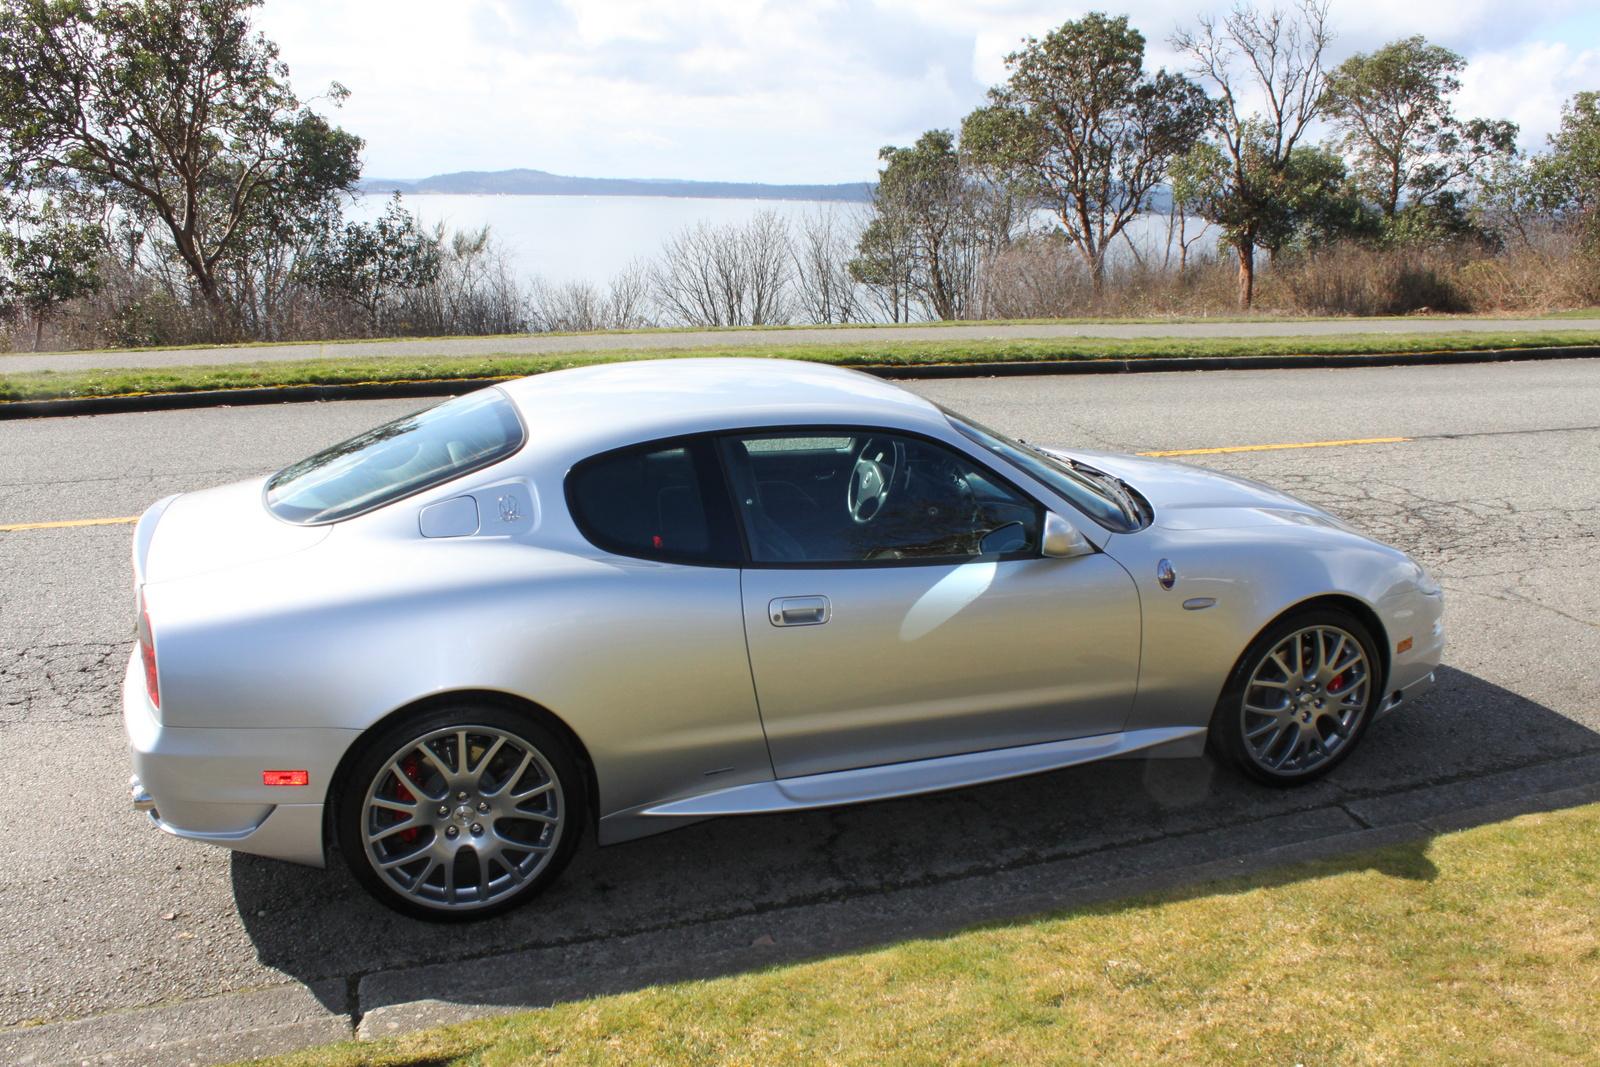 2006 Maserati GranSport - Pictures - CarGurus